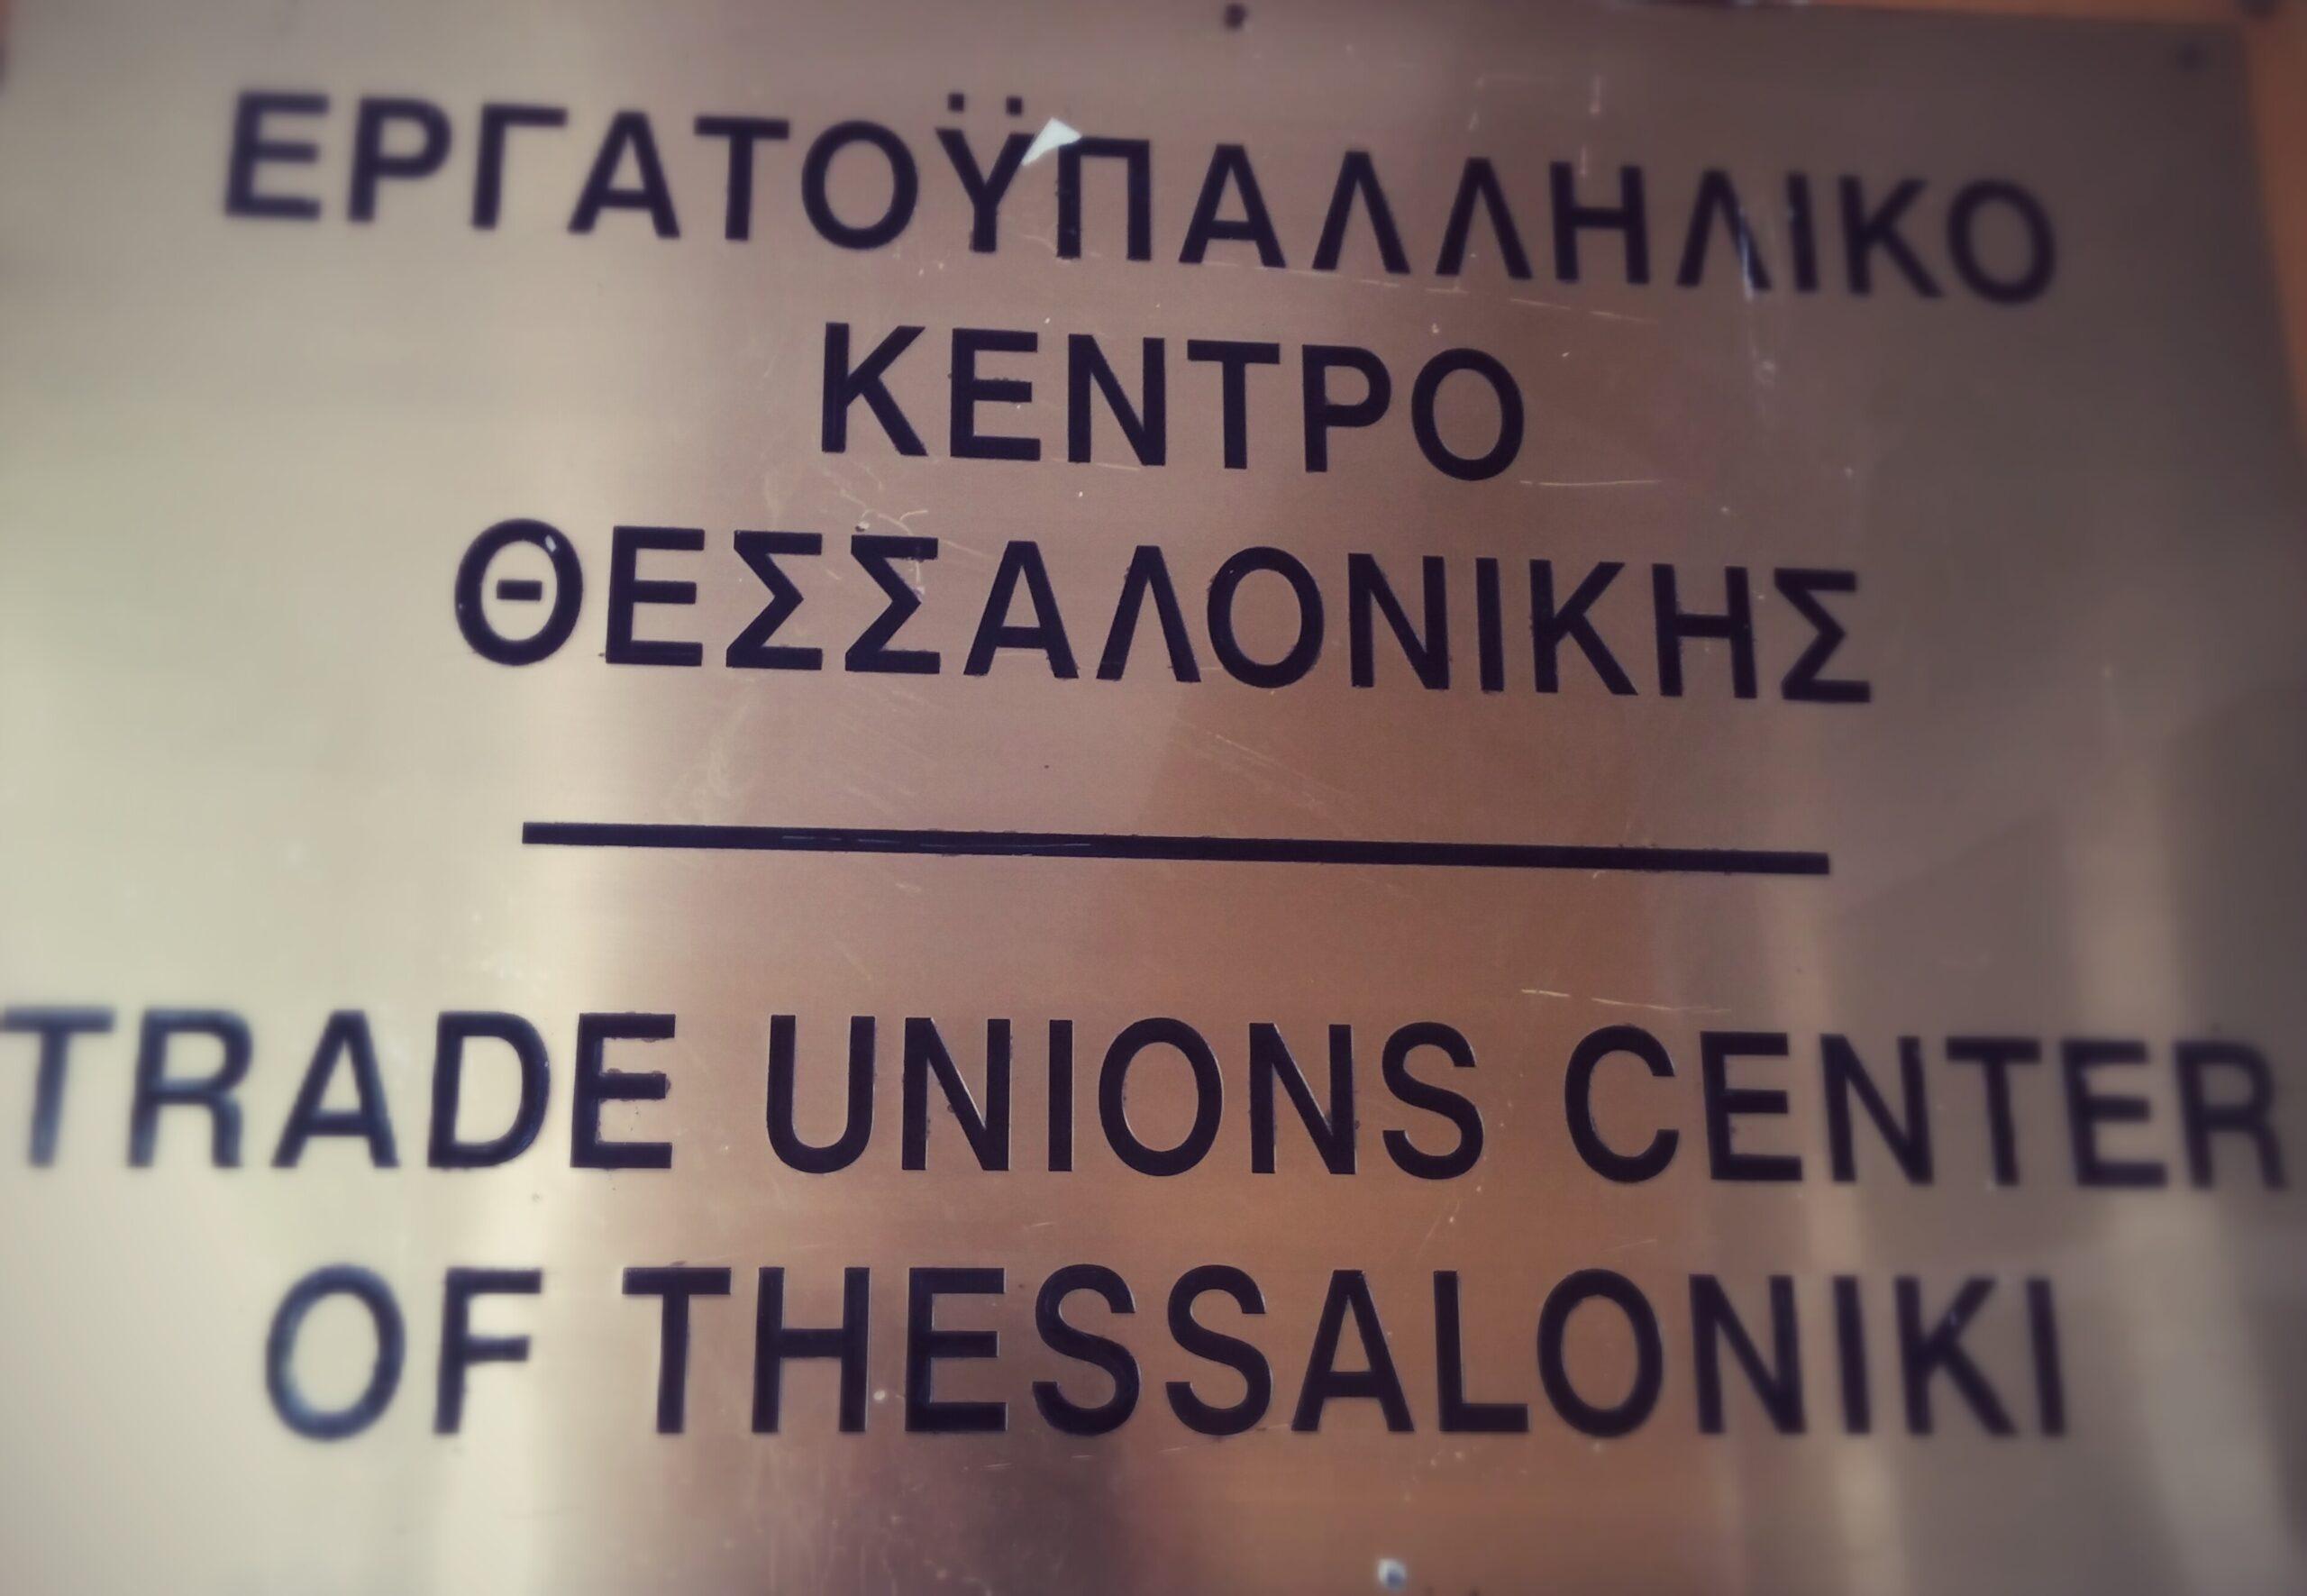 ΕΓΚΥΚΛΙΟΣ Προς τις Διοικήσεις των Σωματείων της Δύναμης του Ε.Κ.Θ. – Ενημέρωση- Ανακοίνωση: Νέα σύνθεση Διοίκησης για την Ένωση Εργαζομένων Καταναλωτών Ελλάδας, παράρτημα Θεσσαλονίκης